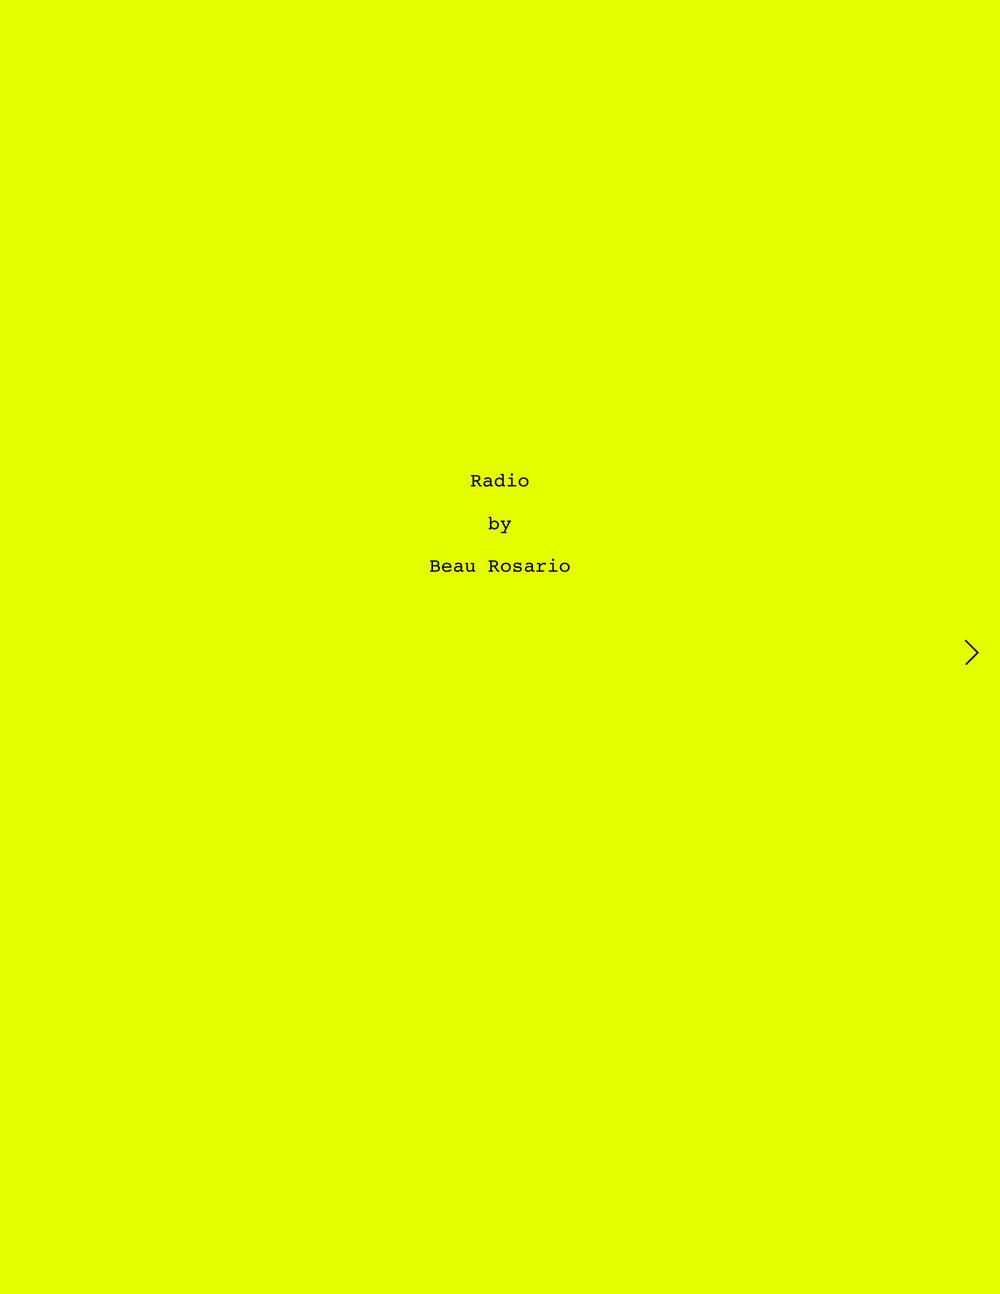 RADIO yellow.jpg